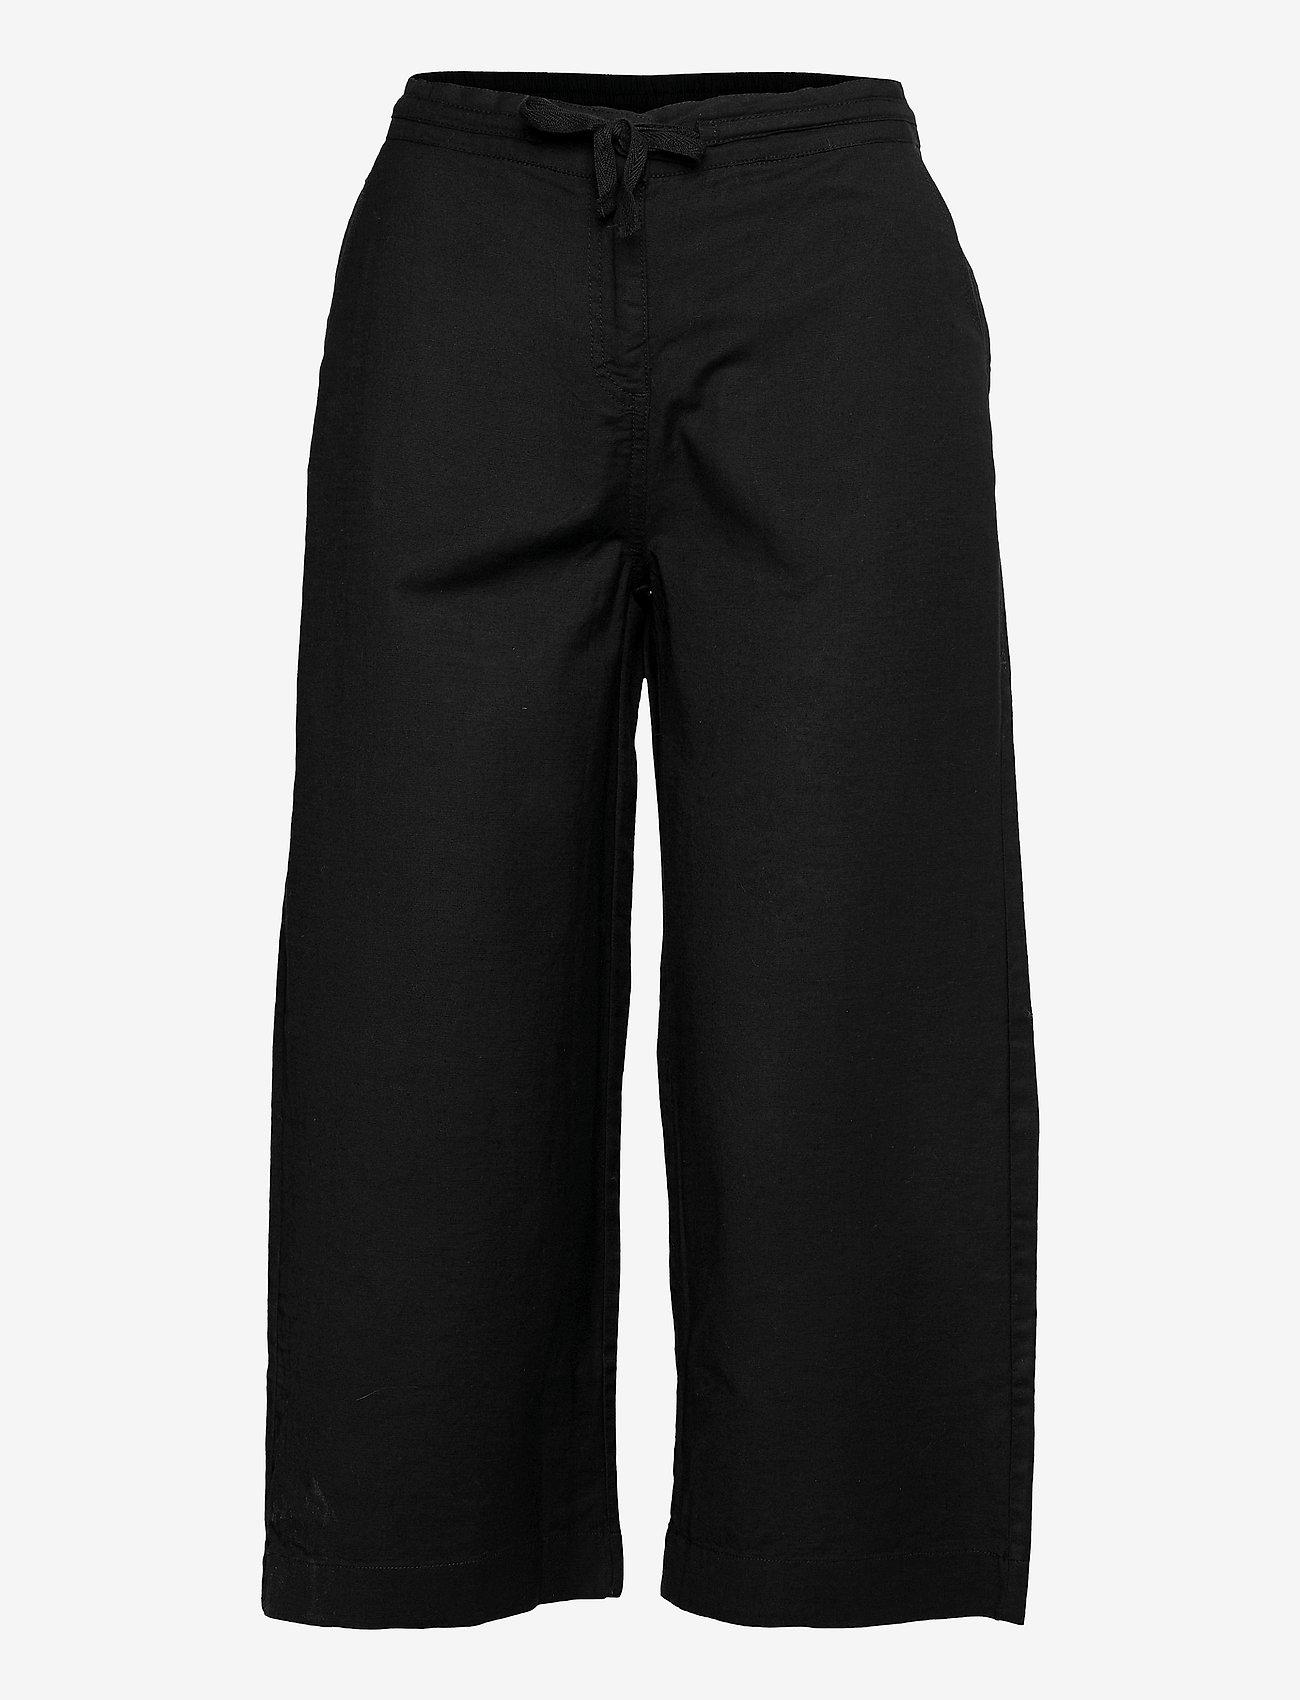 Brandtex - Capri pants - bukser med brede ben - black - 1